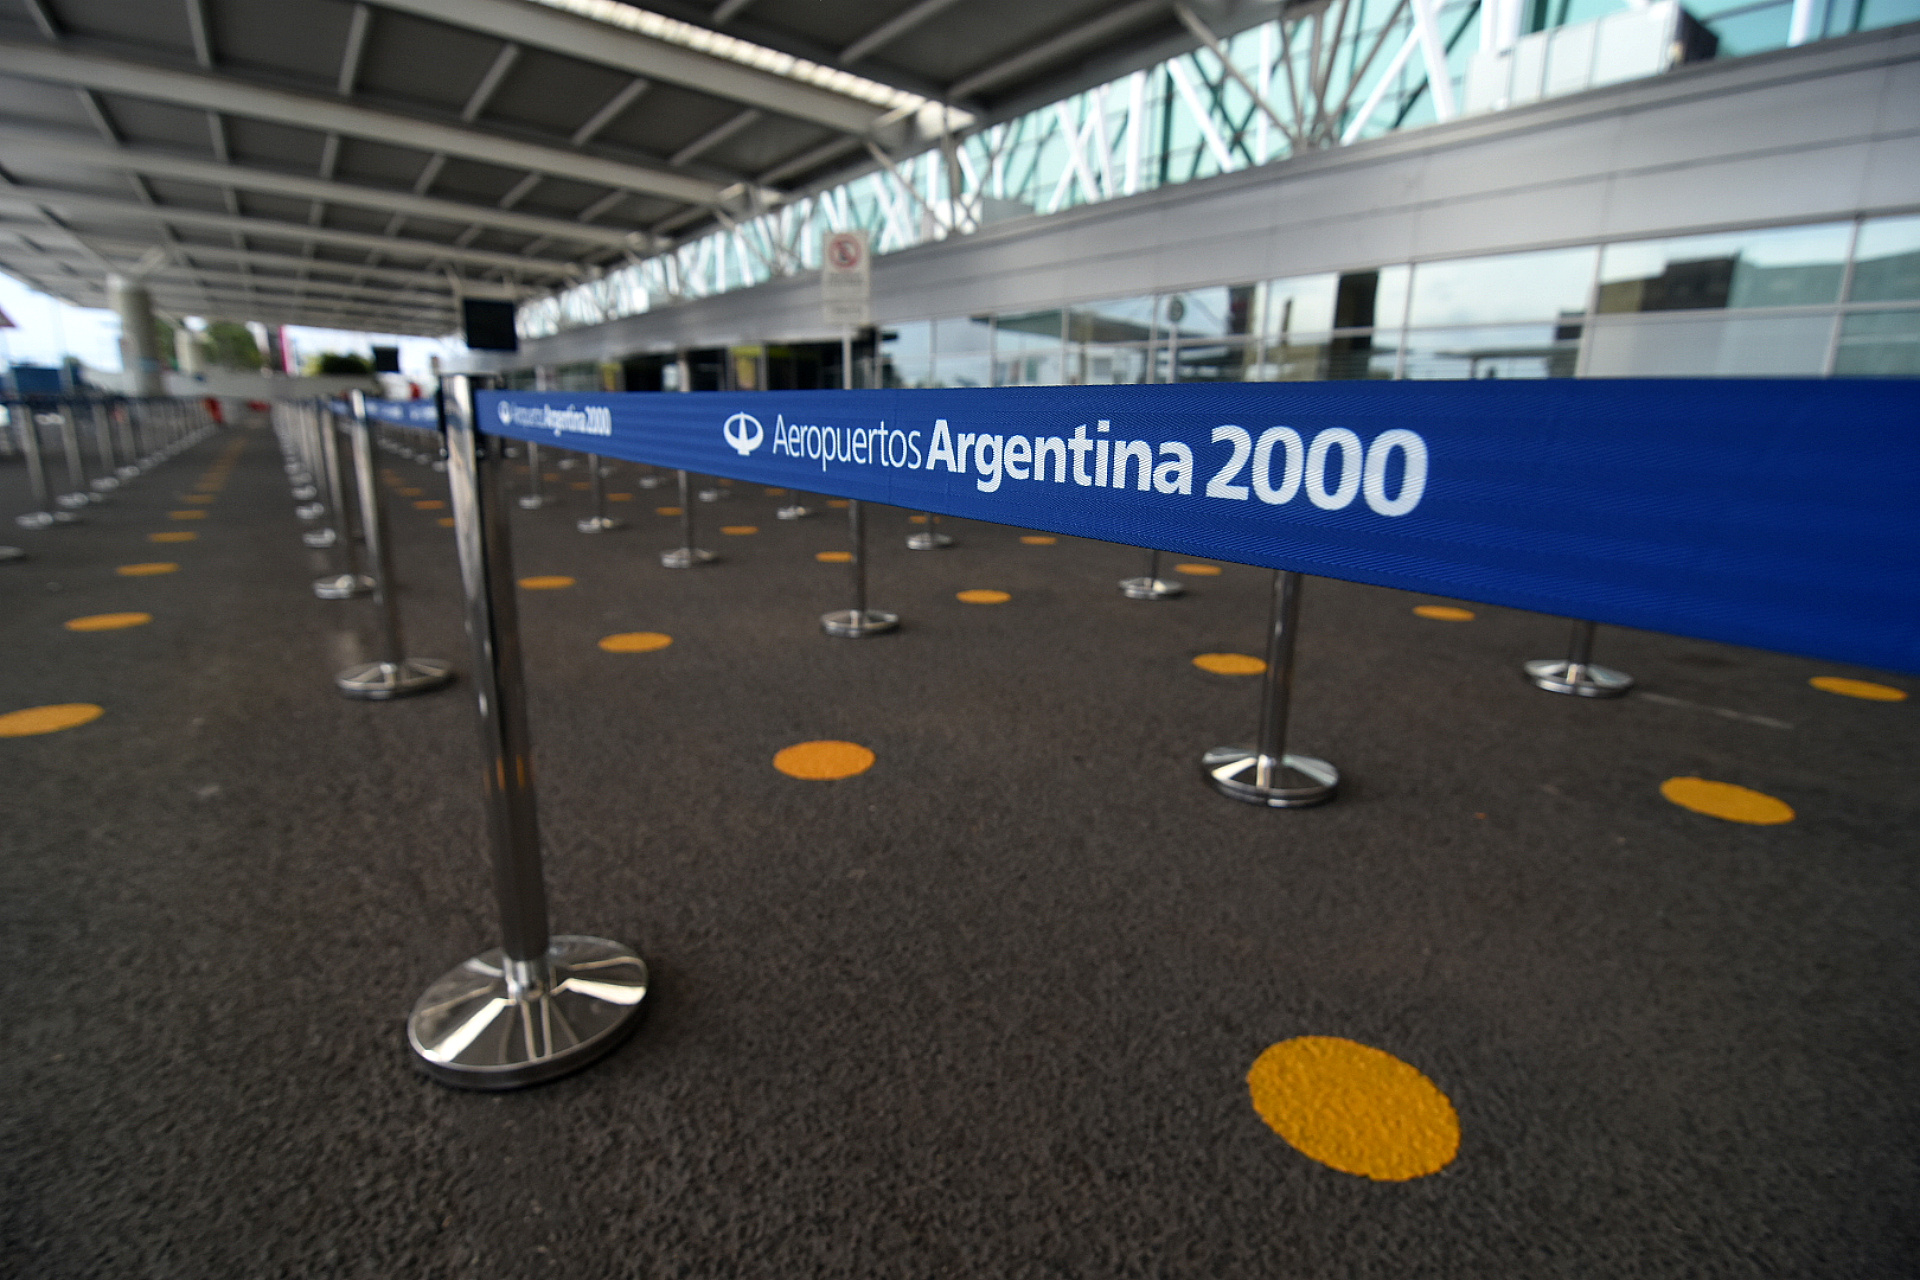 Se espera la confirmación oficial para el regreso de los vuelos, que serían desde octubre